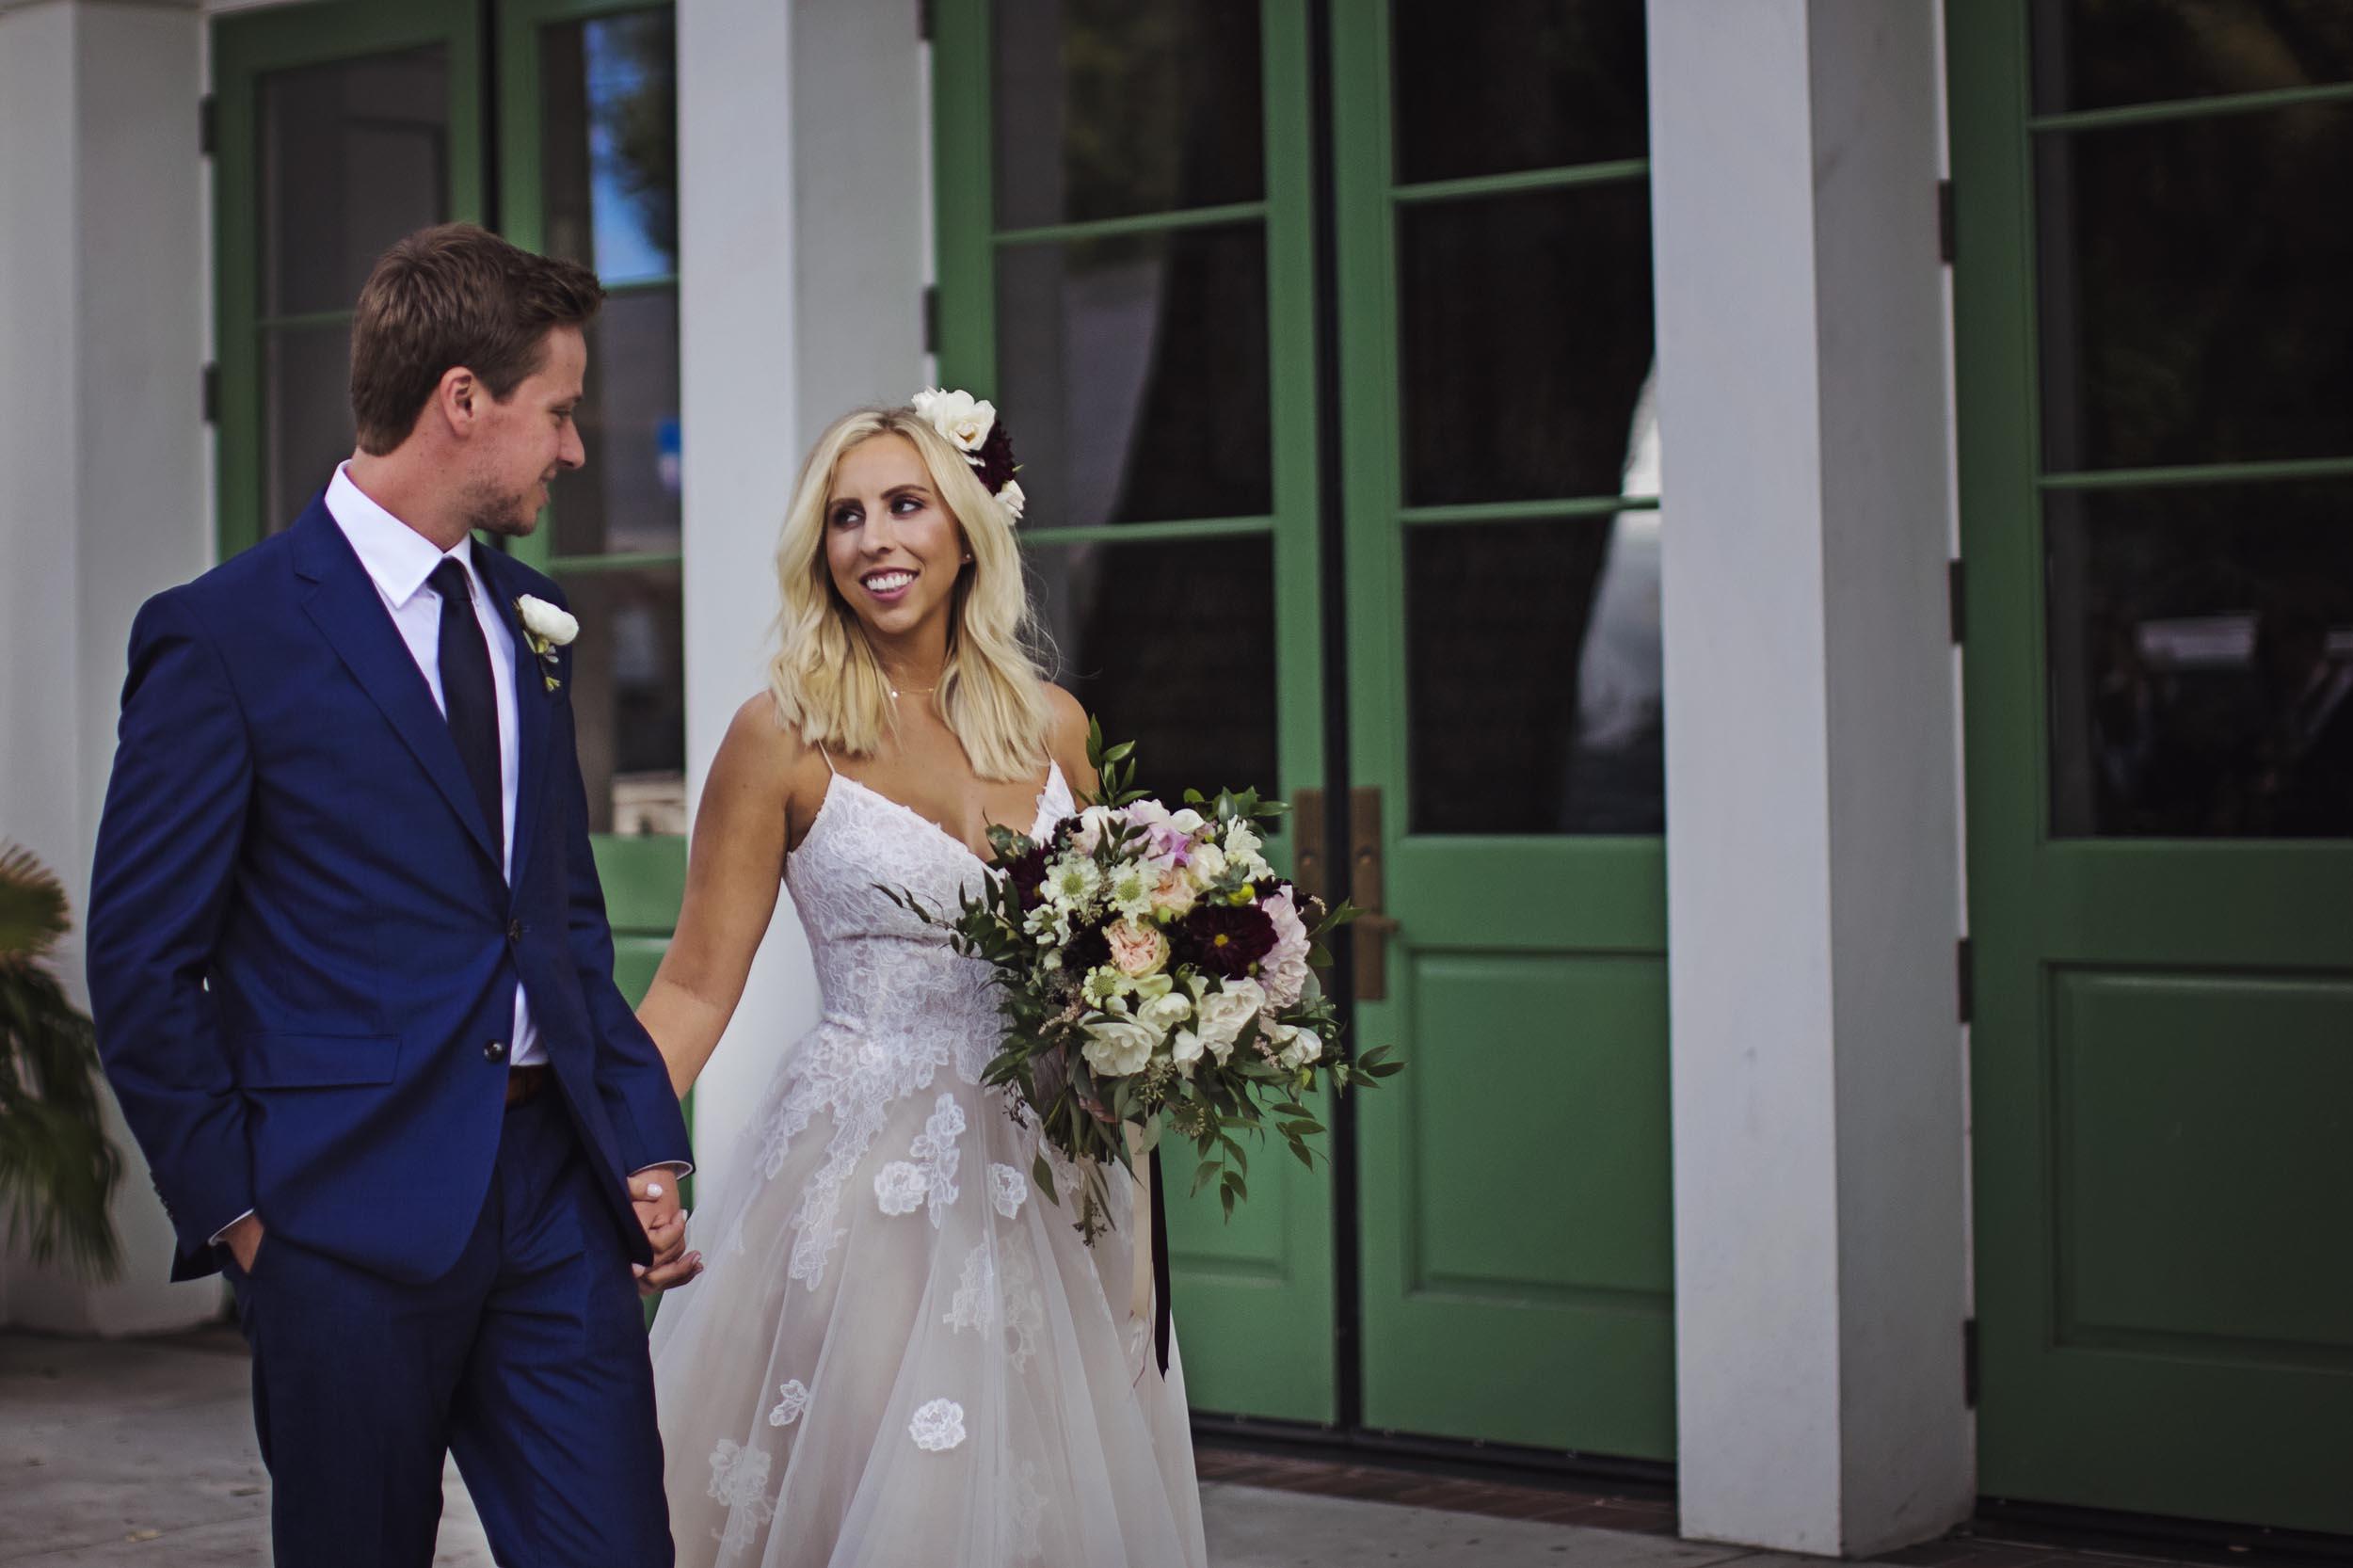 weddings-charleston11.jpg